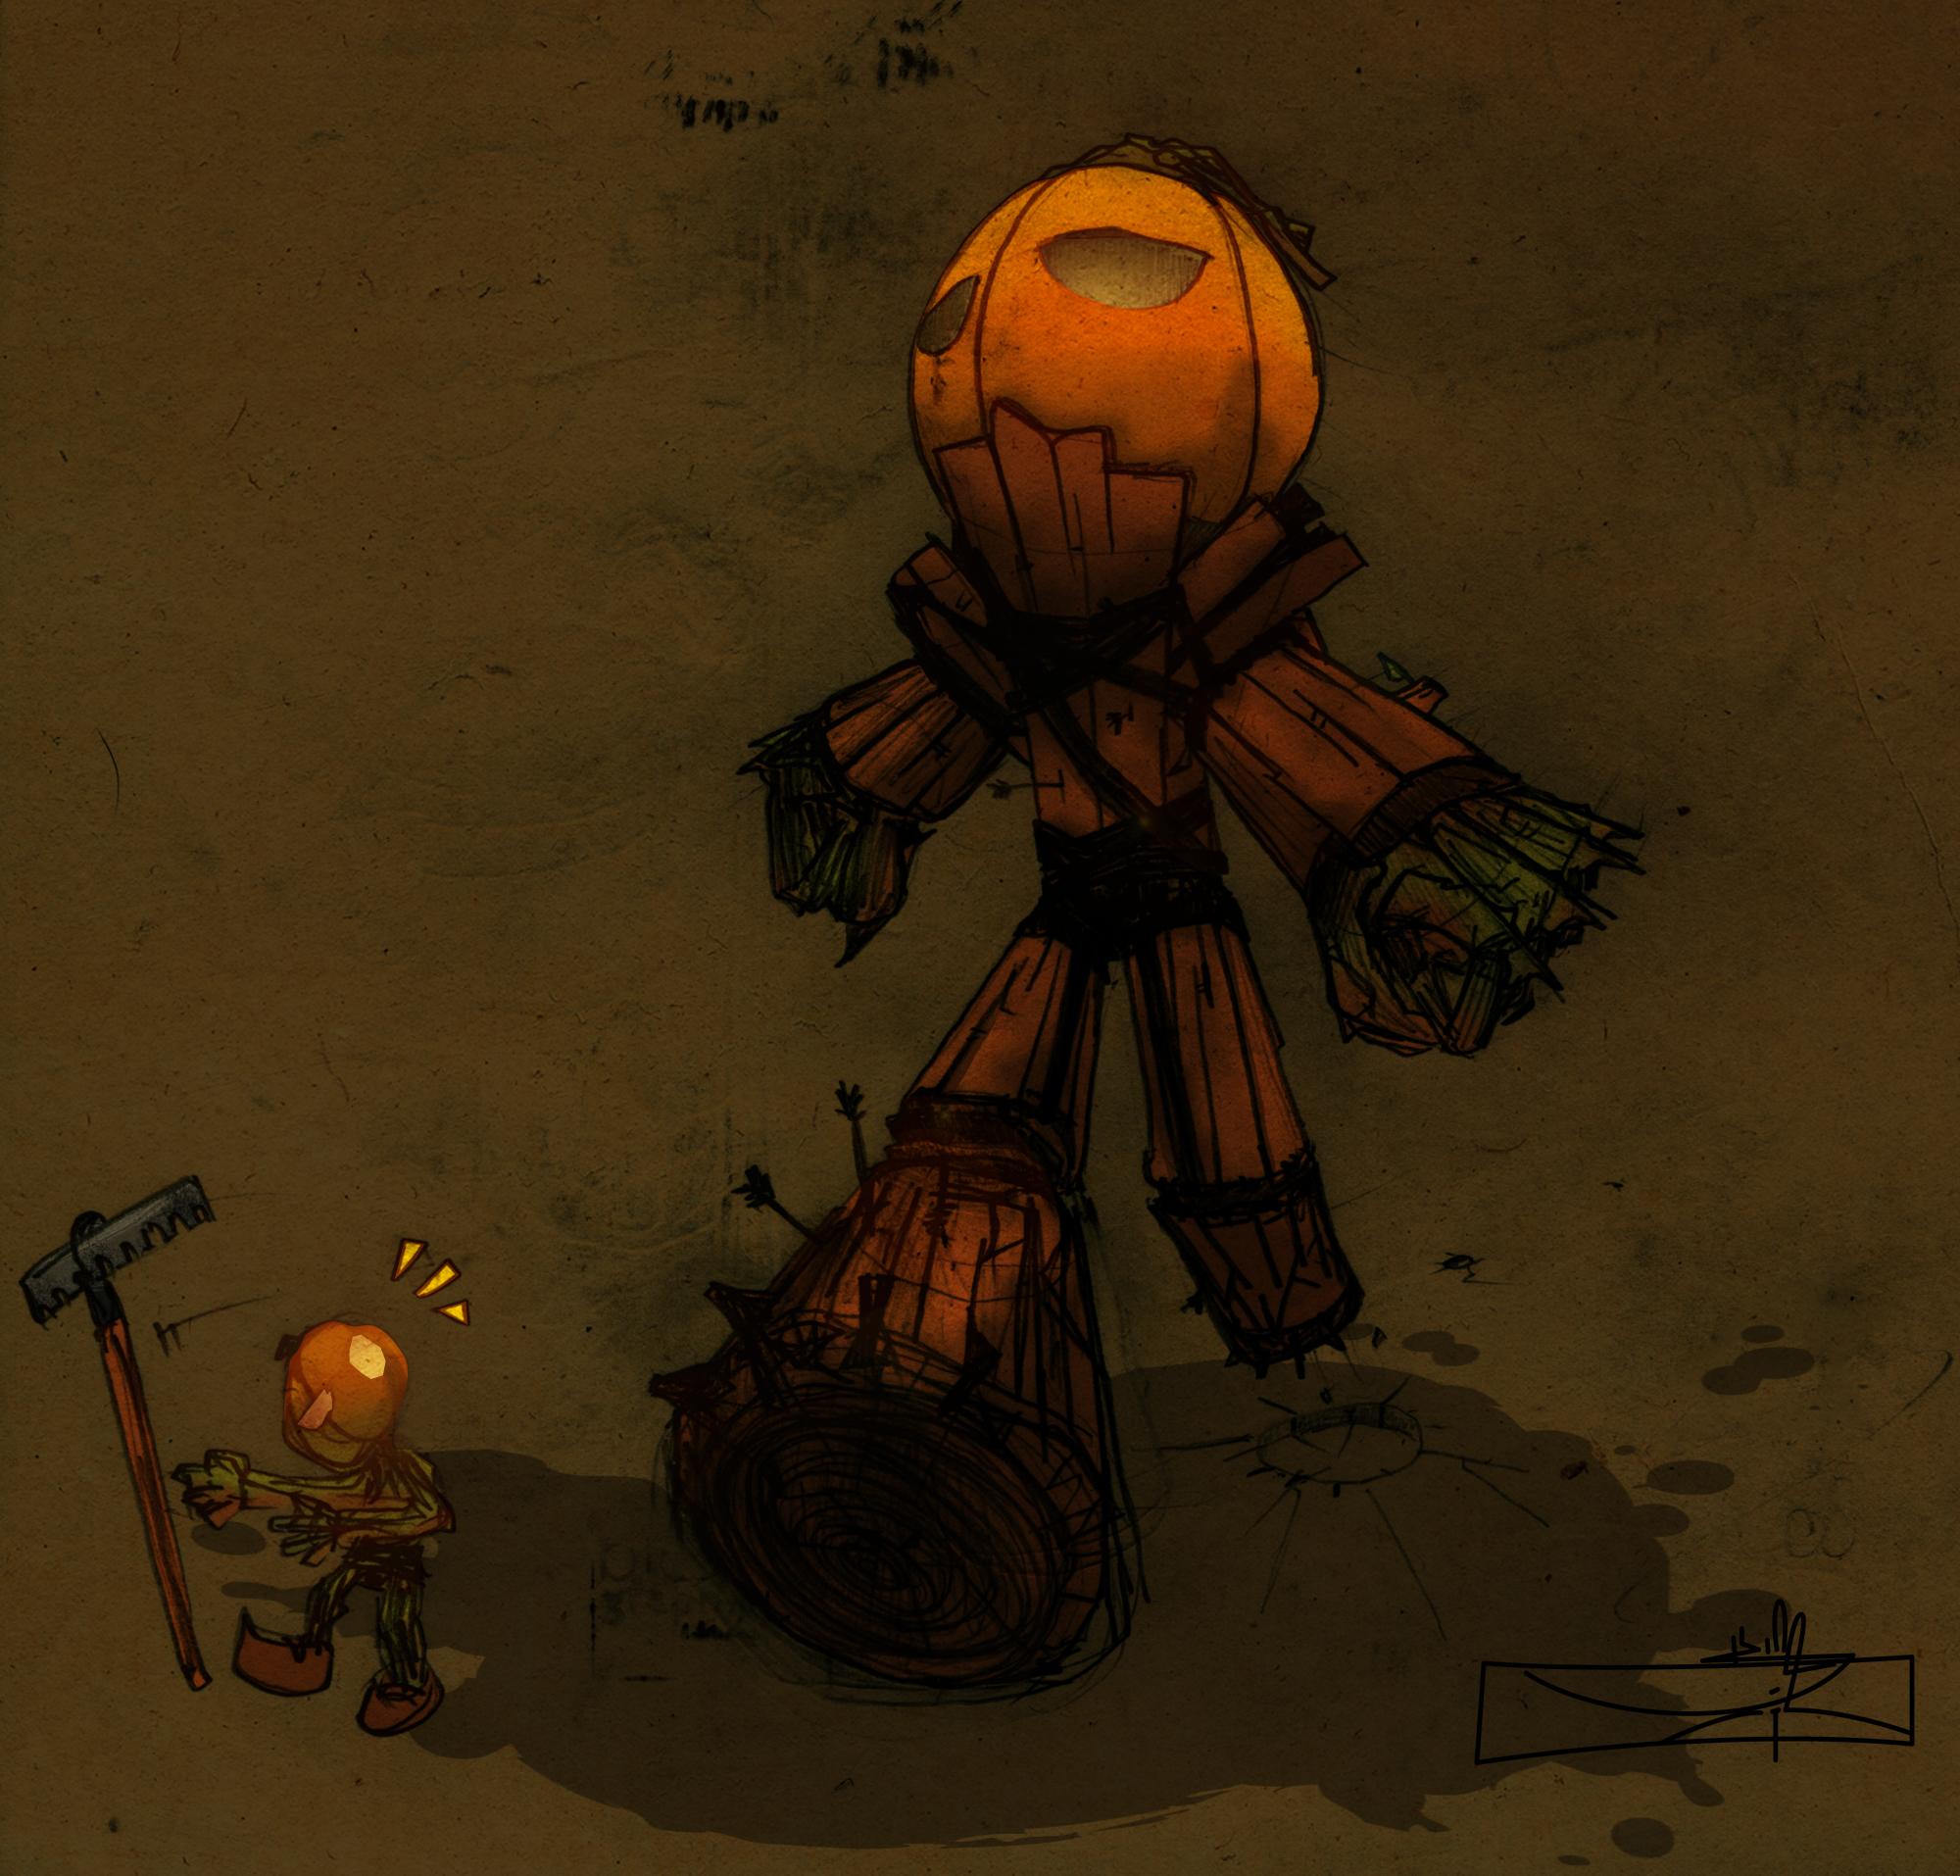 Pumpkin of DOOM colored